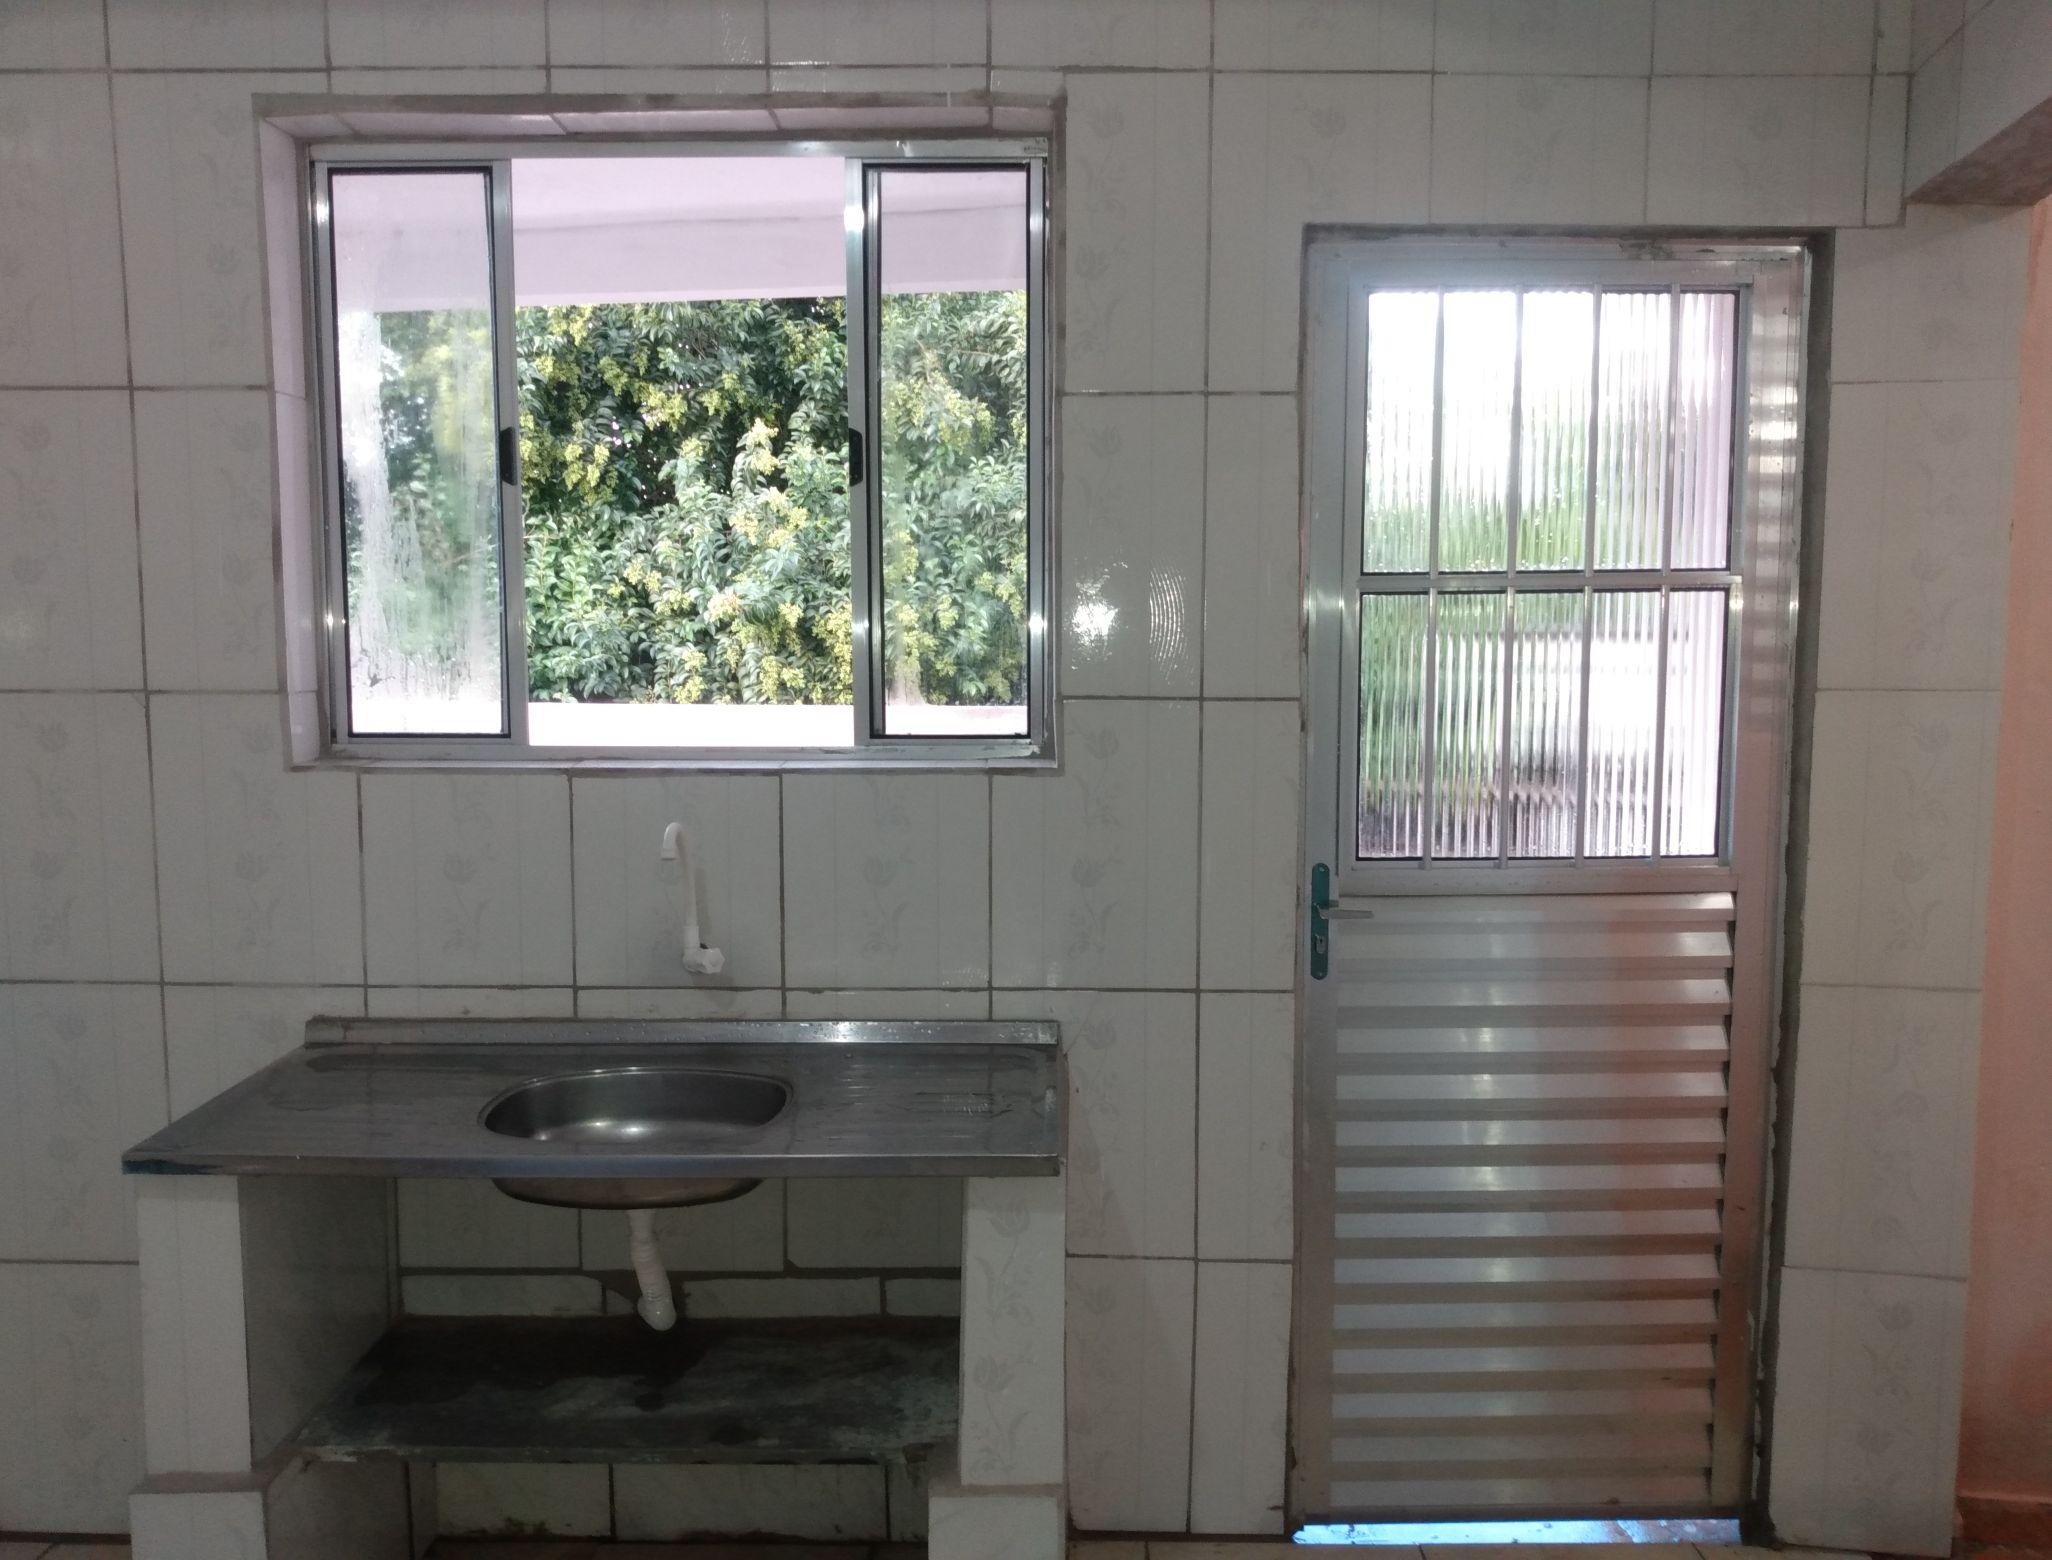 Bancada de pia feita de tijolo,azulejo e janela.